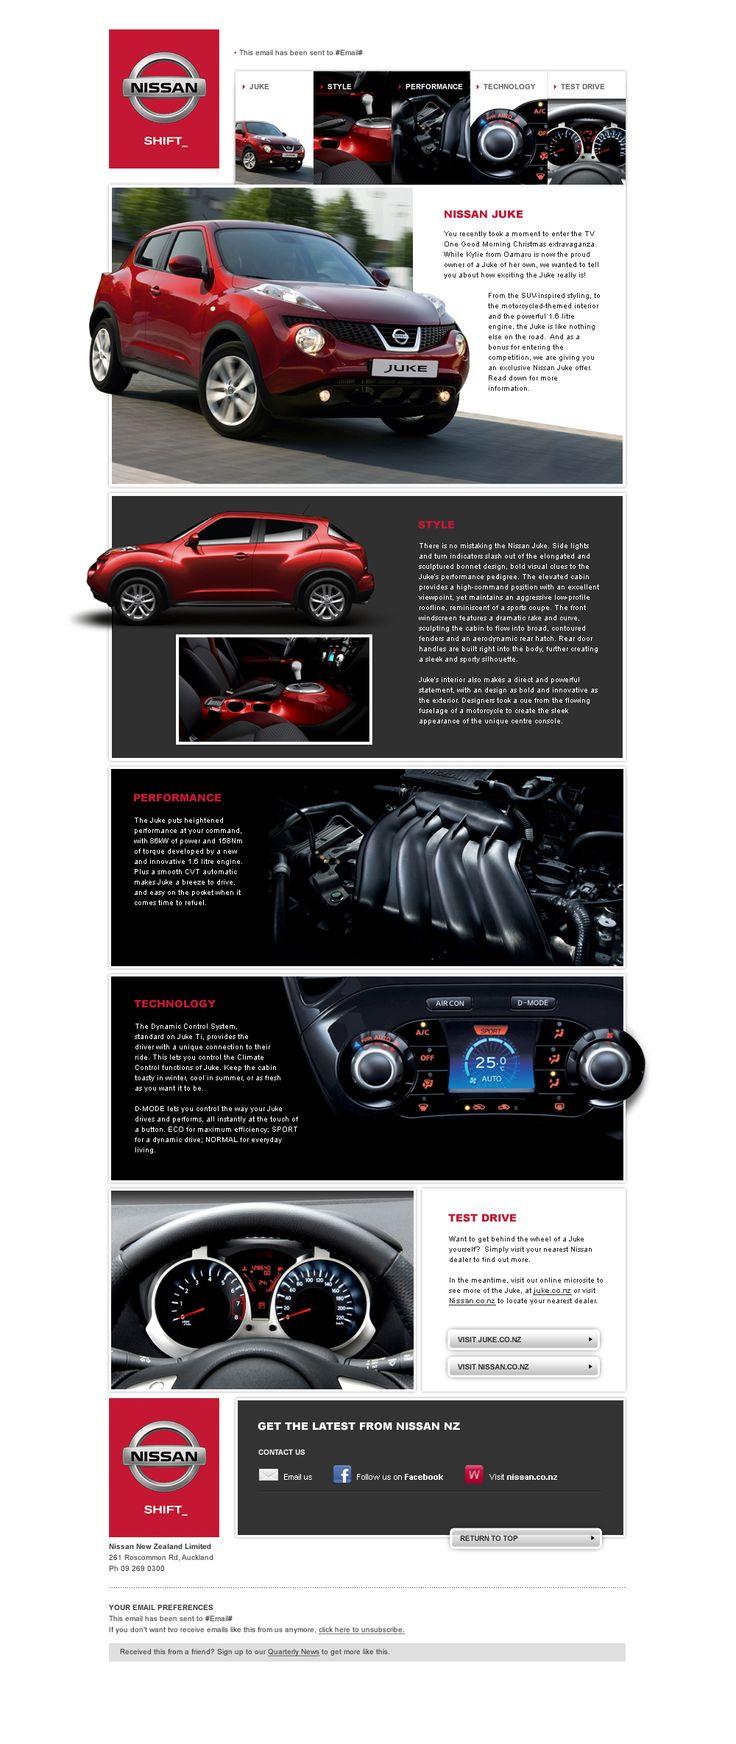 48 best UI design - edm images on Pinterest | Email newsletter ...